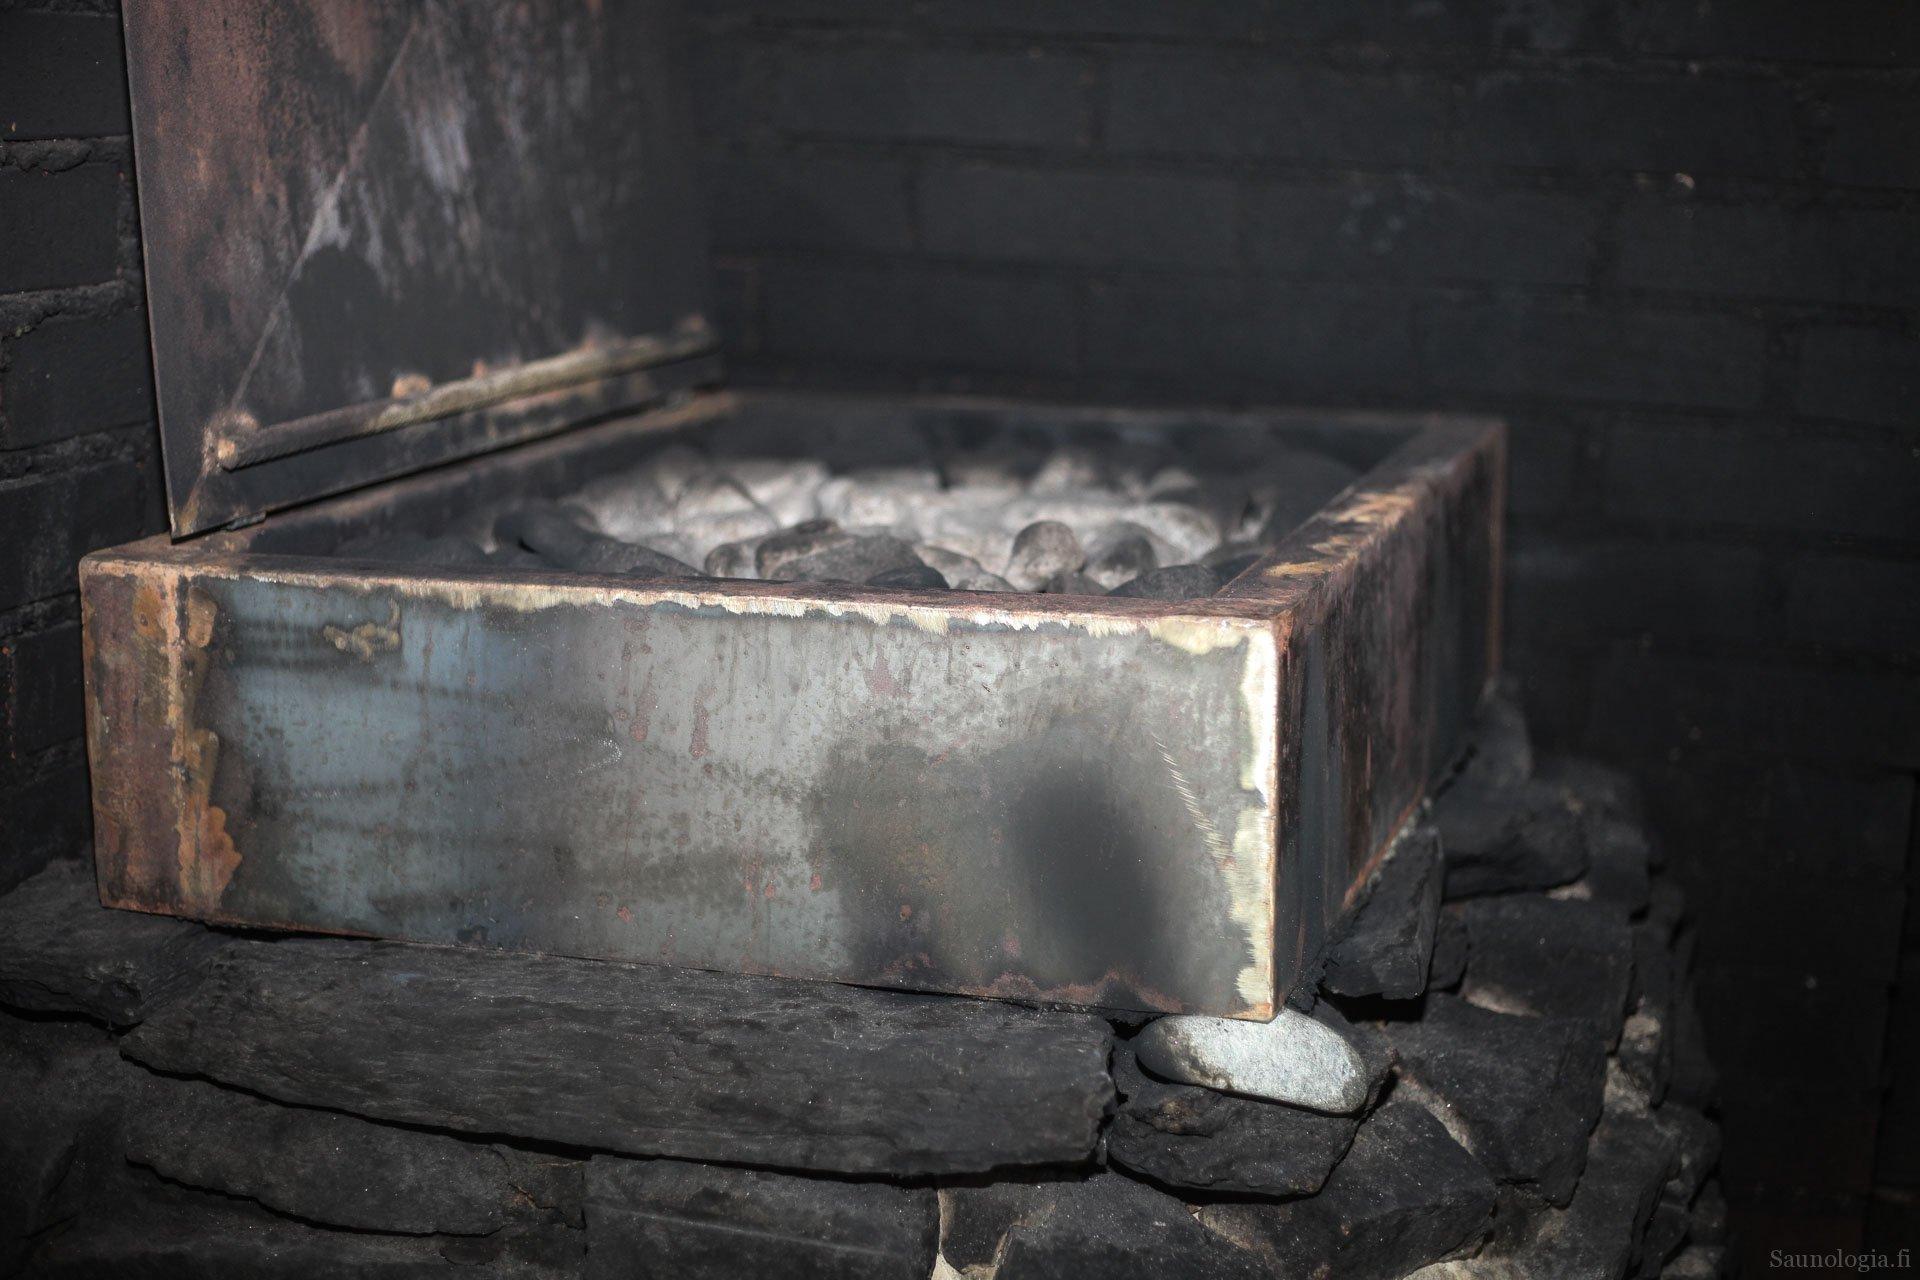 171213-markkut-korotettu-savukiuas-kansi-0896